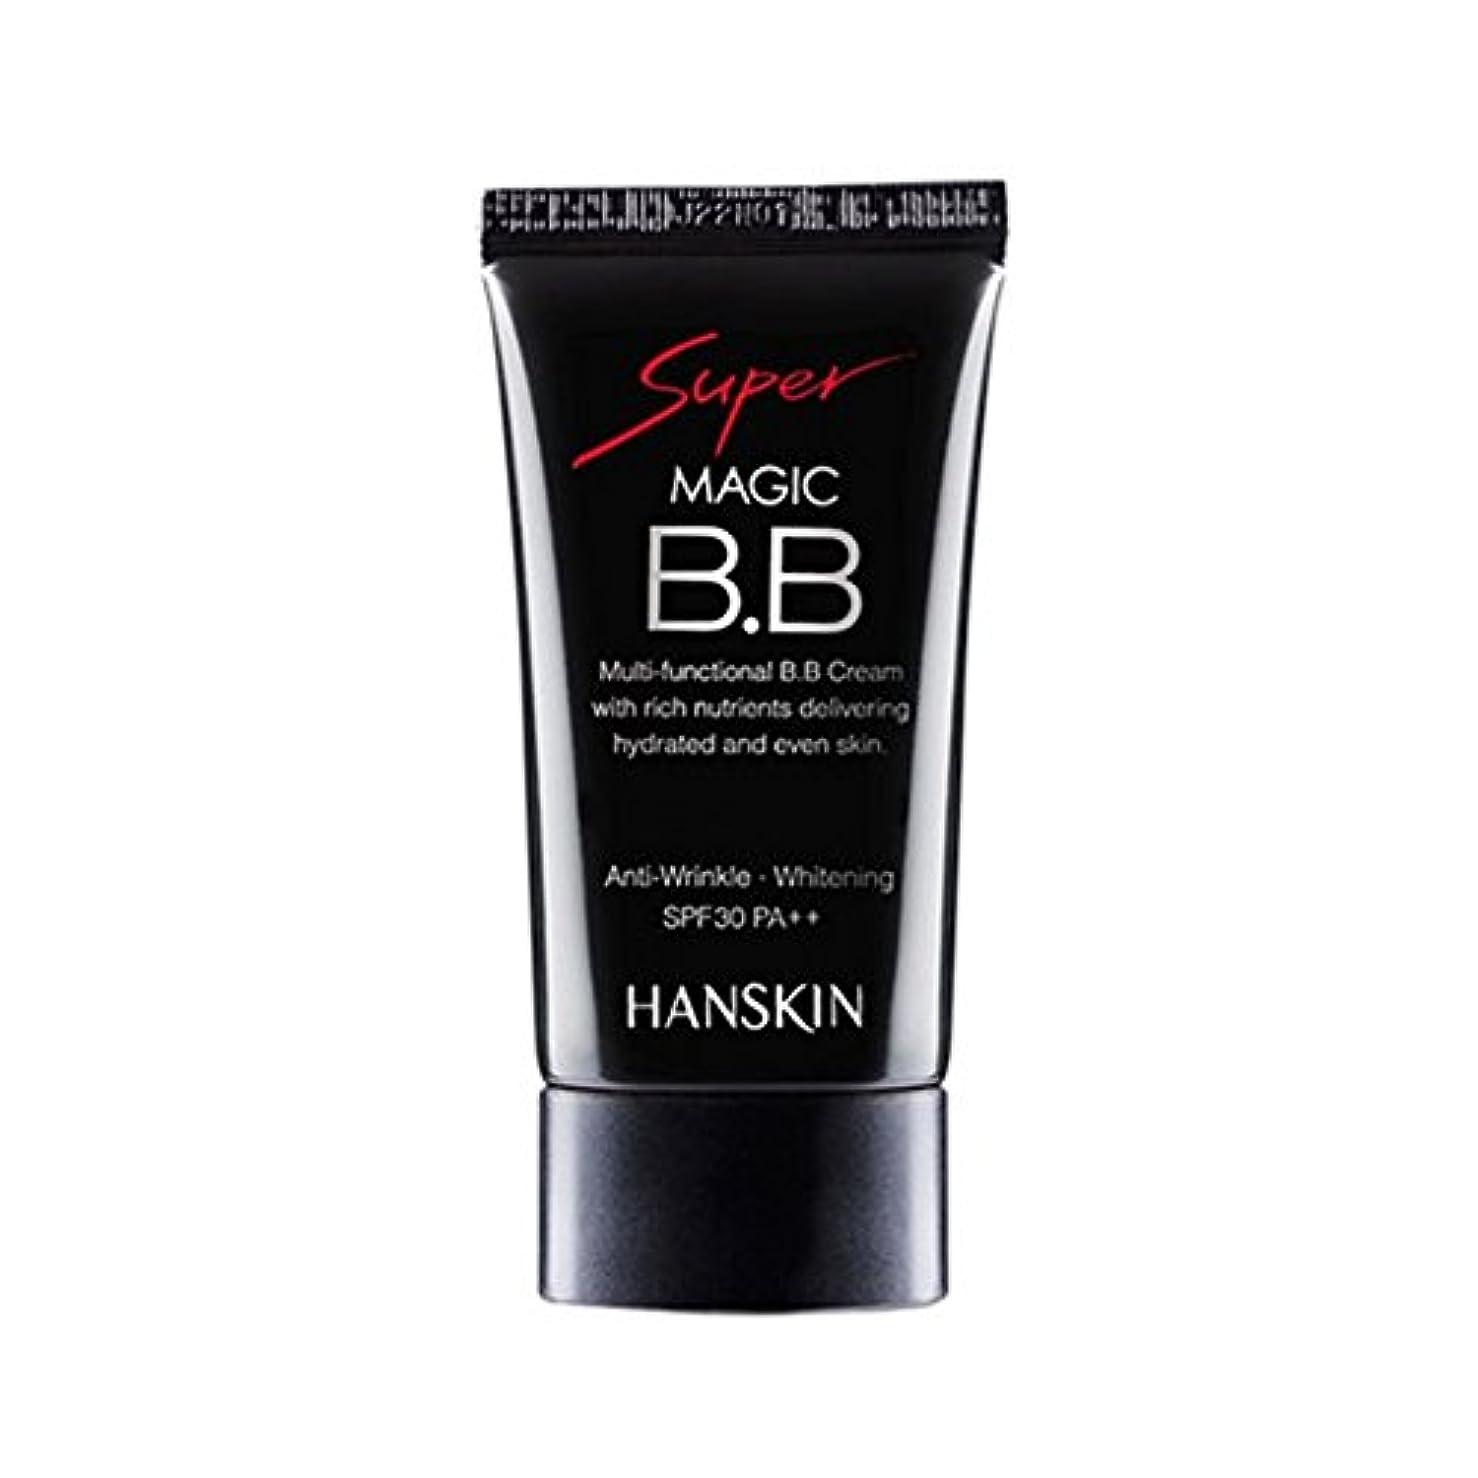 [ハンスキン] Hanskin スーパー マジック BB クリーム Super Magic BB Cream SPF30 PA+++ 45g [並行輸入品]